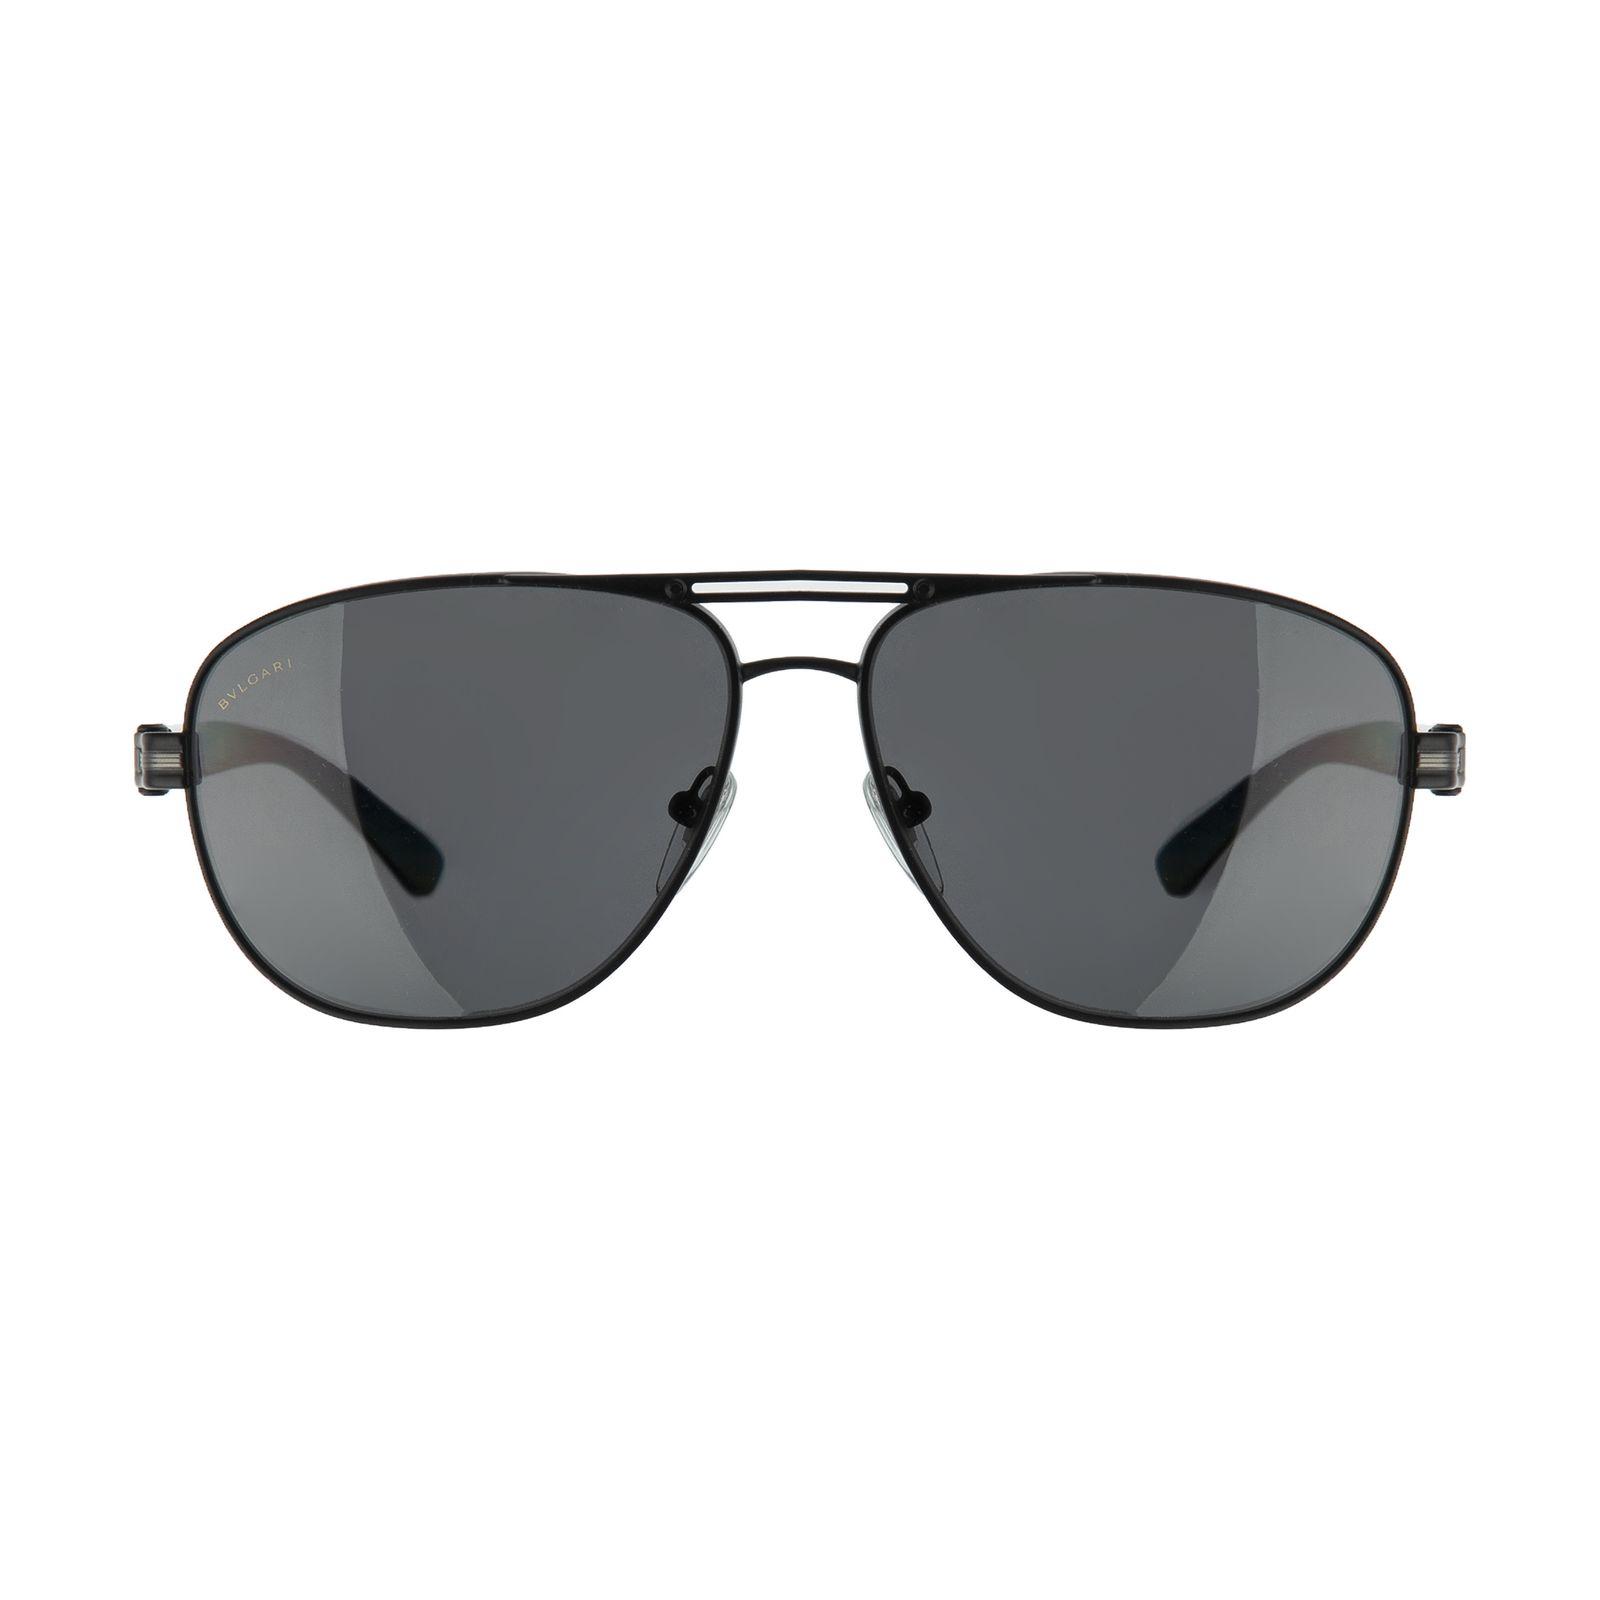 عینک آفتابی مردانه بولگاری مدل BV5033S 12887 -  - 2